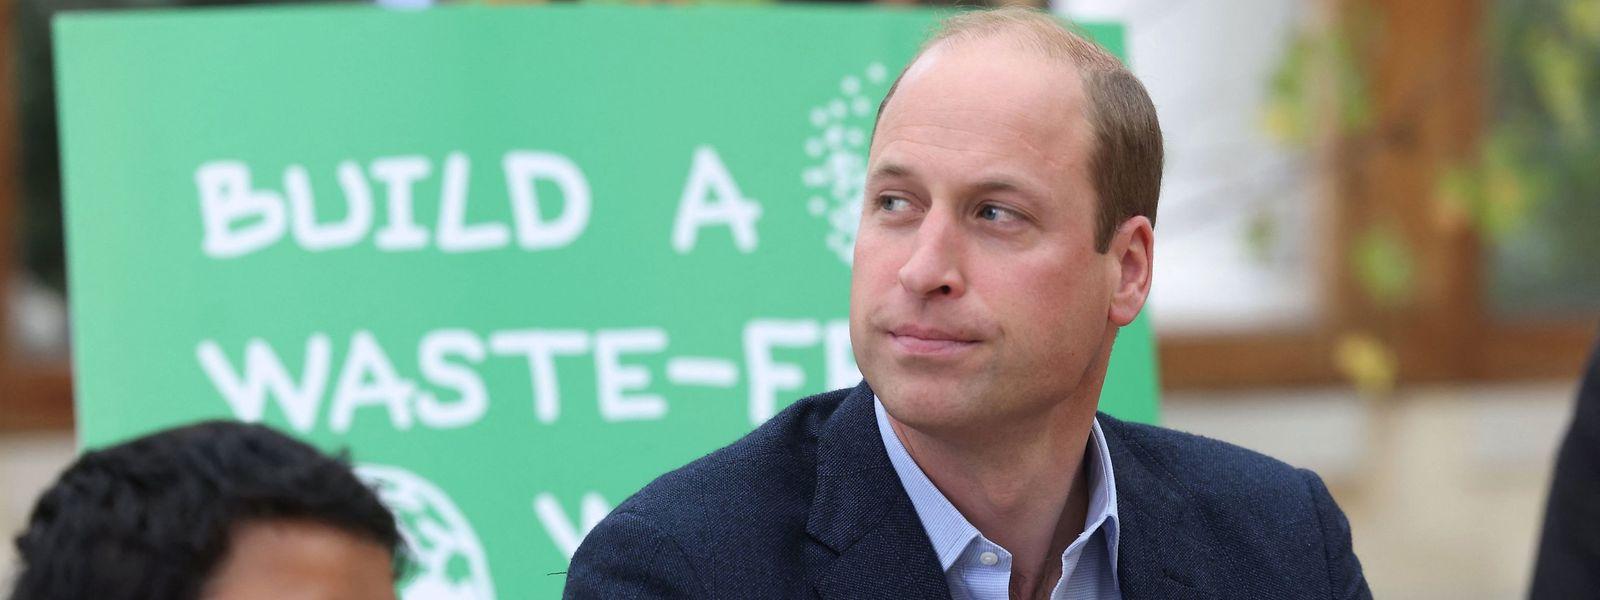 Prinz William setzt sich wie sein Vater Charles für die Umwelt ein.